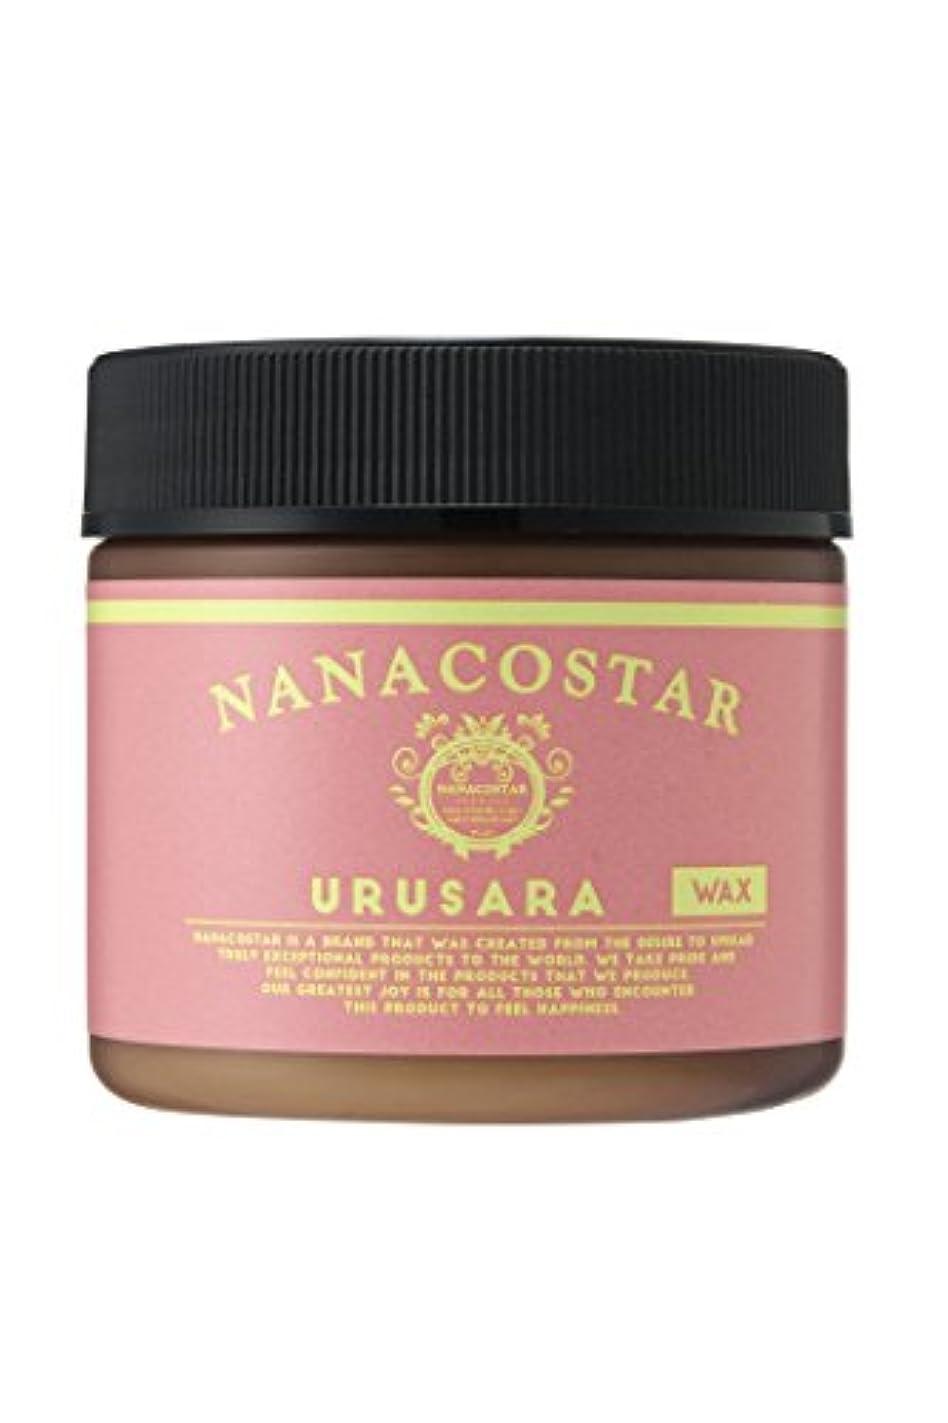 ロビー気分予想するナナコスター [NANACOSTAR] ウルサラワックス URUSARA WAX 75g